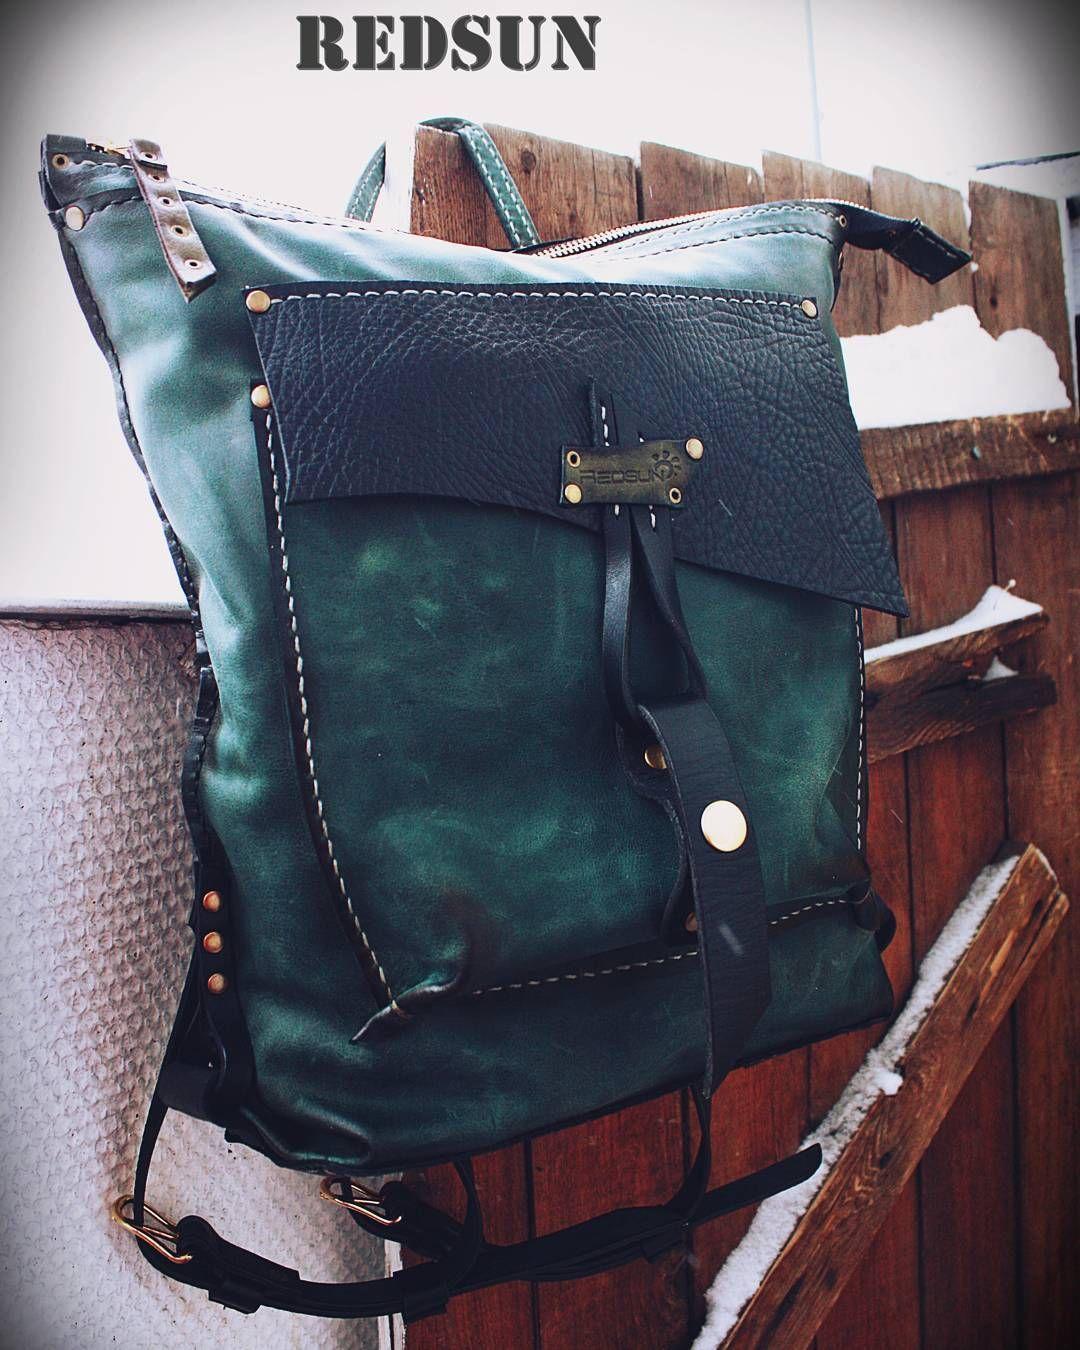 111 Otmetok Nravitsya 9 Kommentariev Anna Redsun Handmade V Instagram Segodnya Vecherom Startuet Aukcion S Nulya Na Etot Bags Leather Leather Handmade